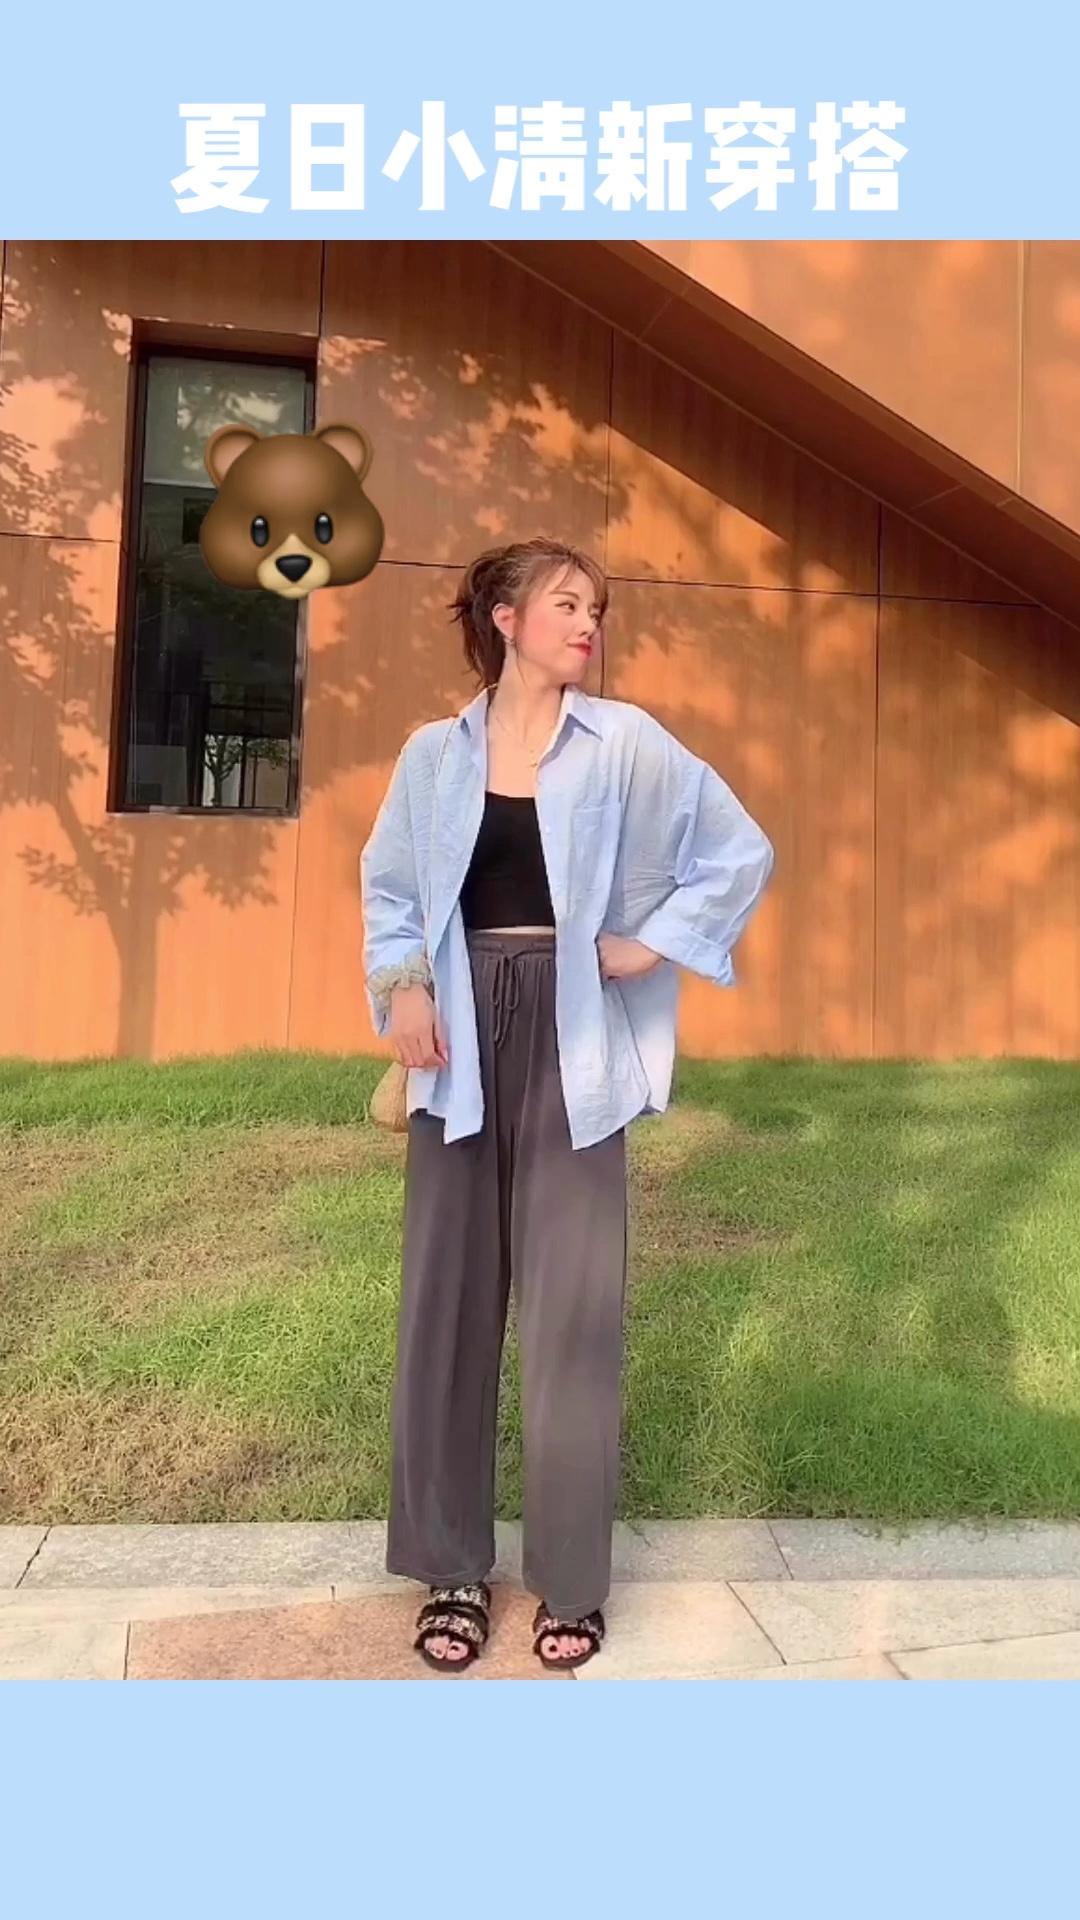 #盛夏和冰淇淋色更配哦!# 蓝色条纹衬衫特别轻薄,颜色非常好看,里面搭配小背心,再穿一条阔腿裤,真的即随意又好看~